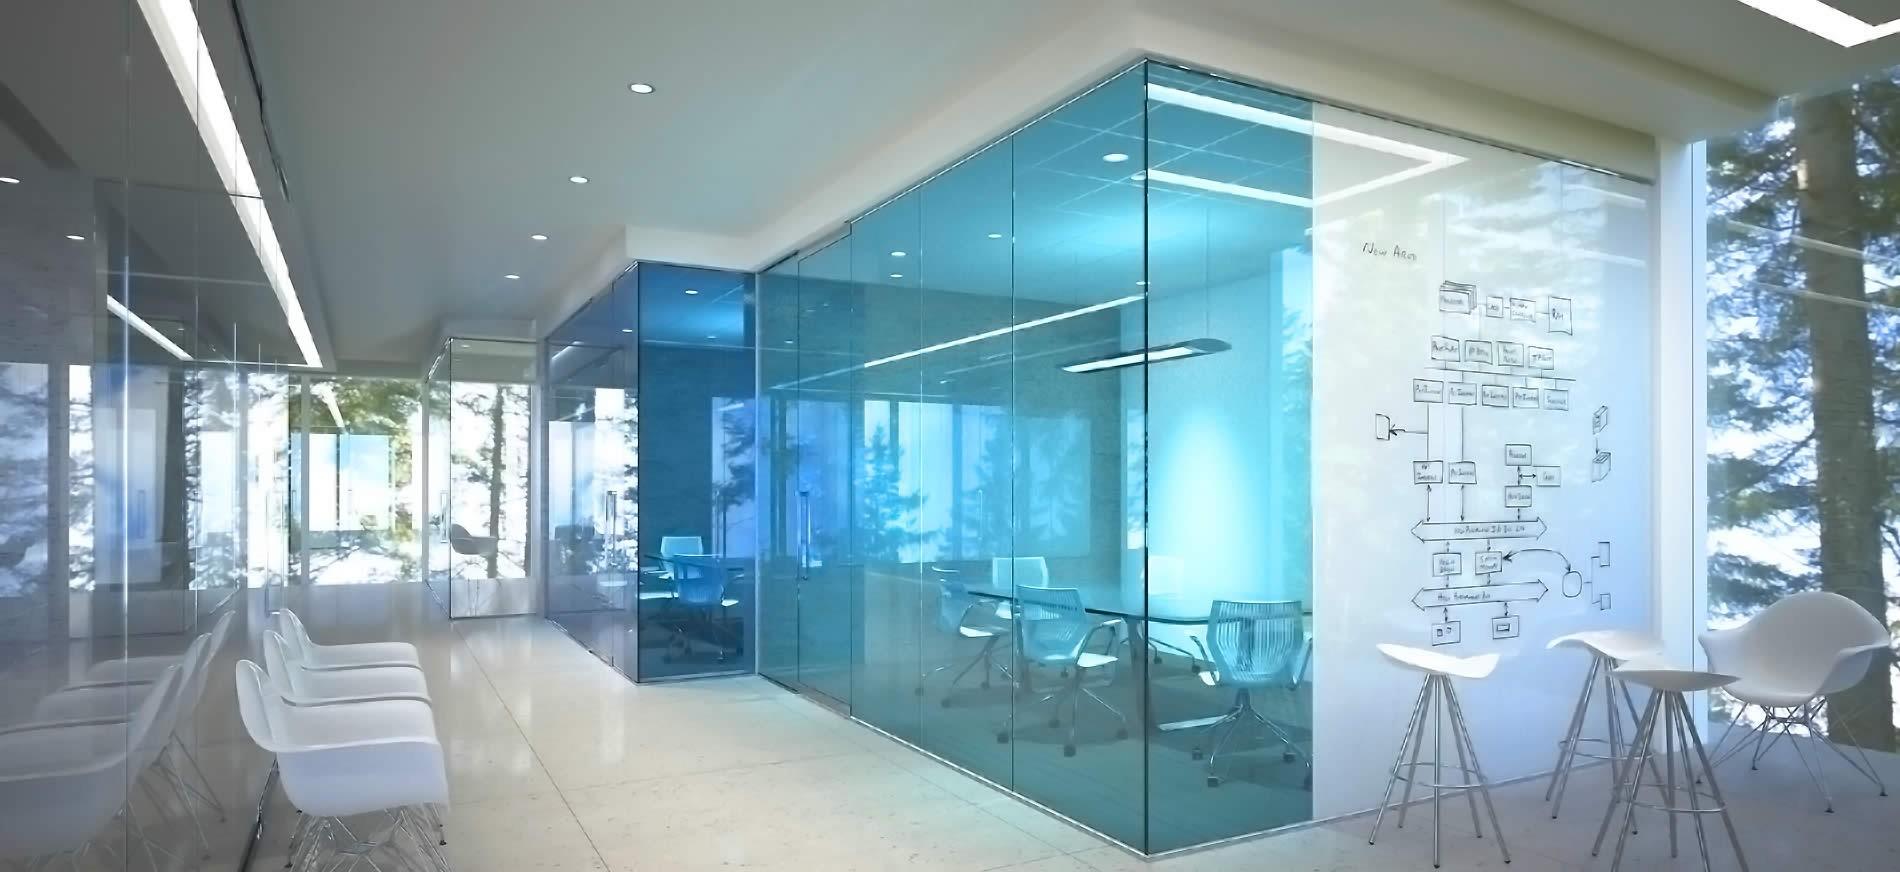 Декоративное стекло и дизайн стен. идеи применения стекла в интерьере различных помещений графика на стекле в интерьере квартиры